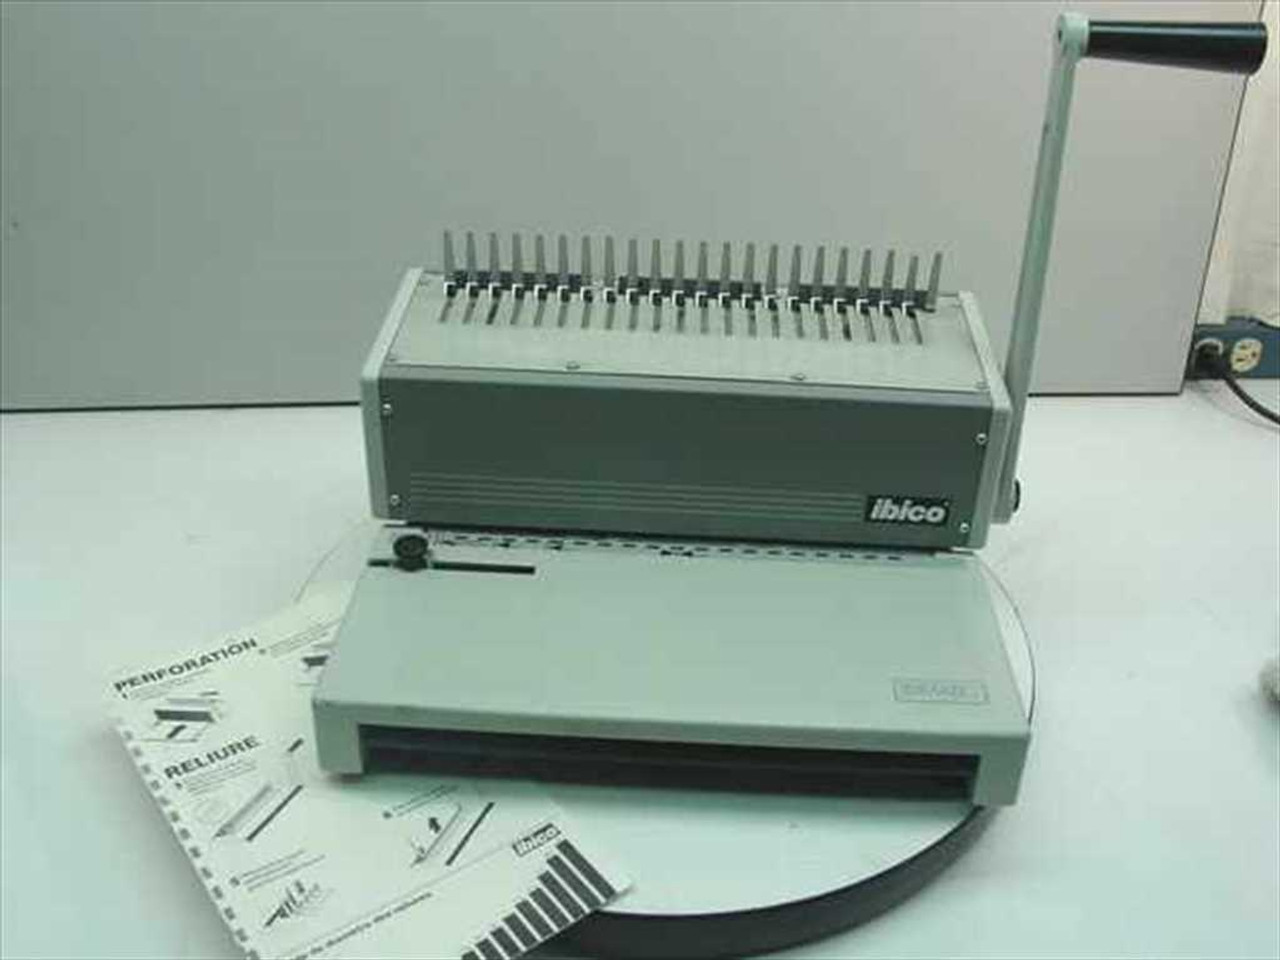 ibico binding machine